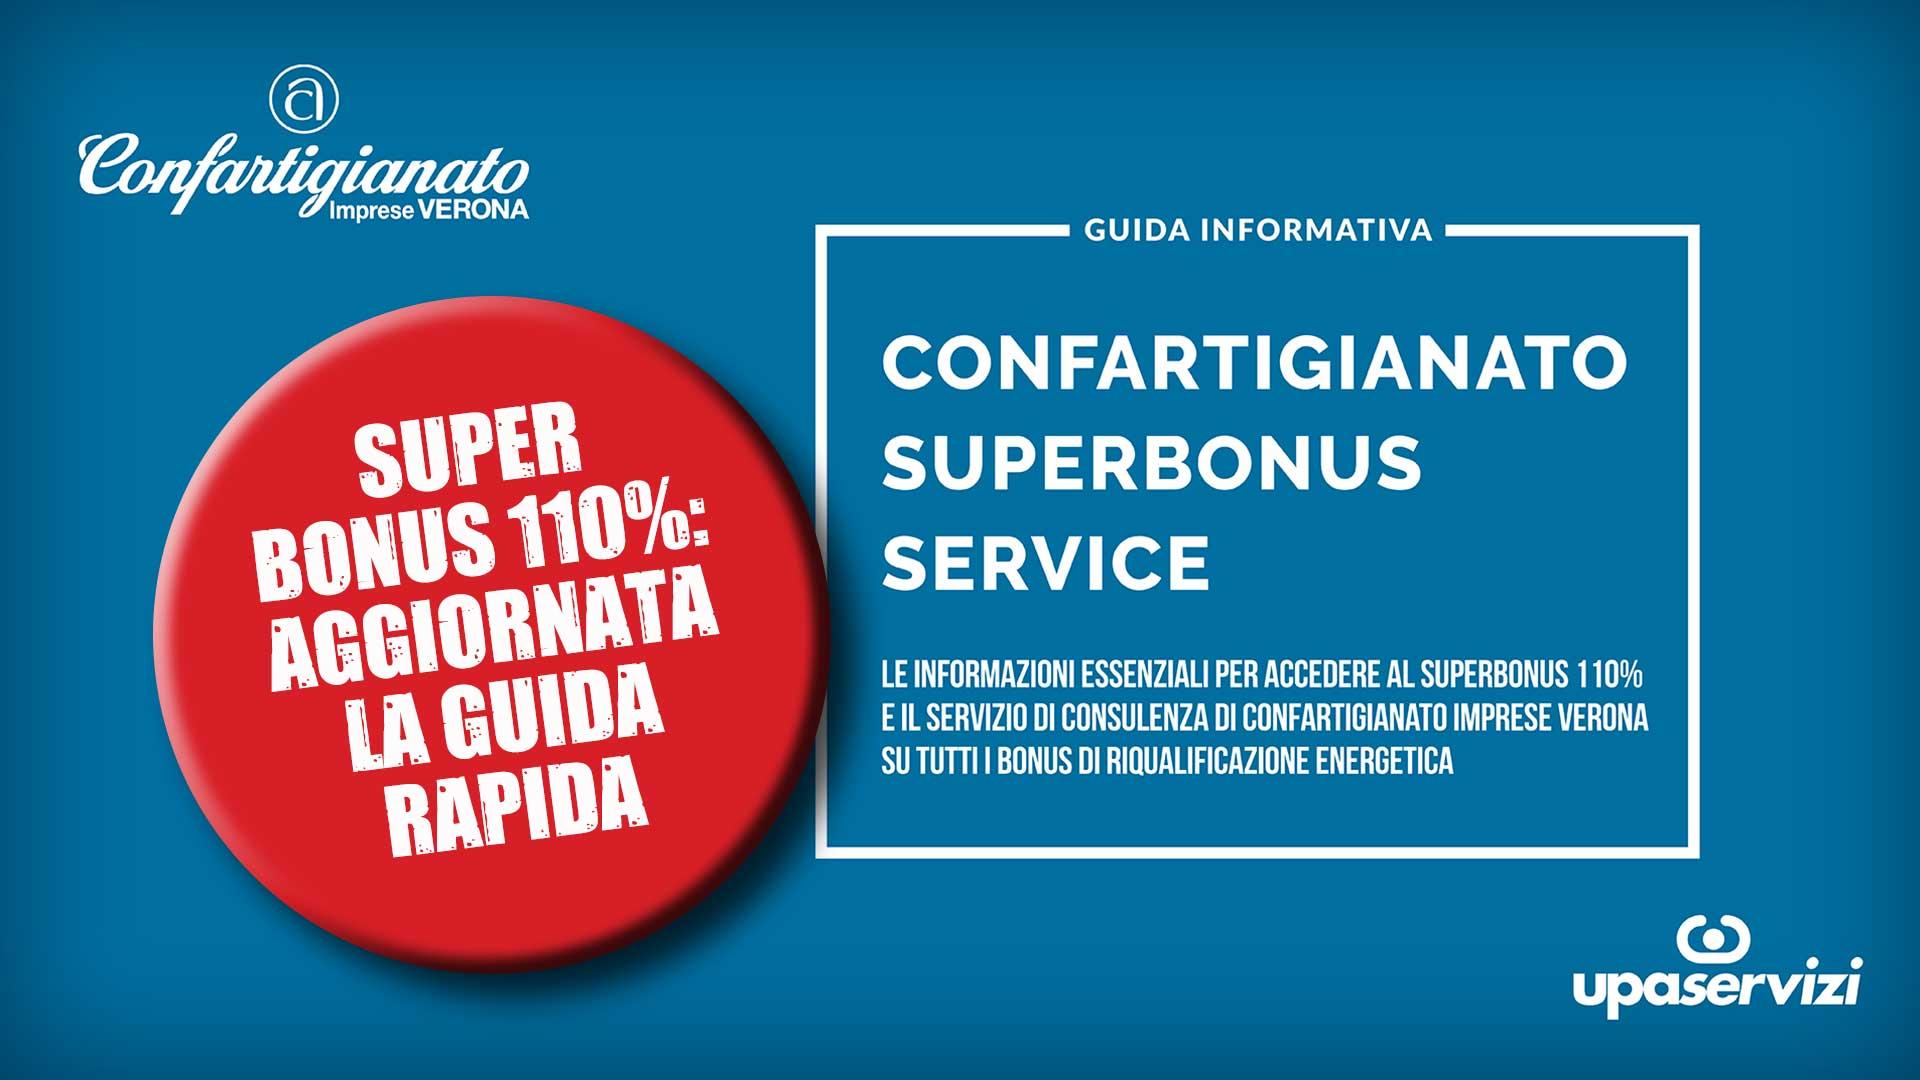 SUPERBONUS 110% – Aggiornata la Guida rapida di Confartigianato, a disposizione con sportello di assistenza globale per imprese, cittadini e professionisti